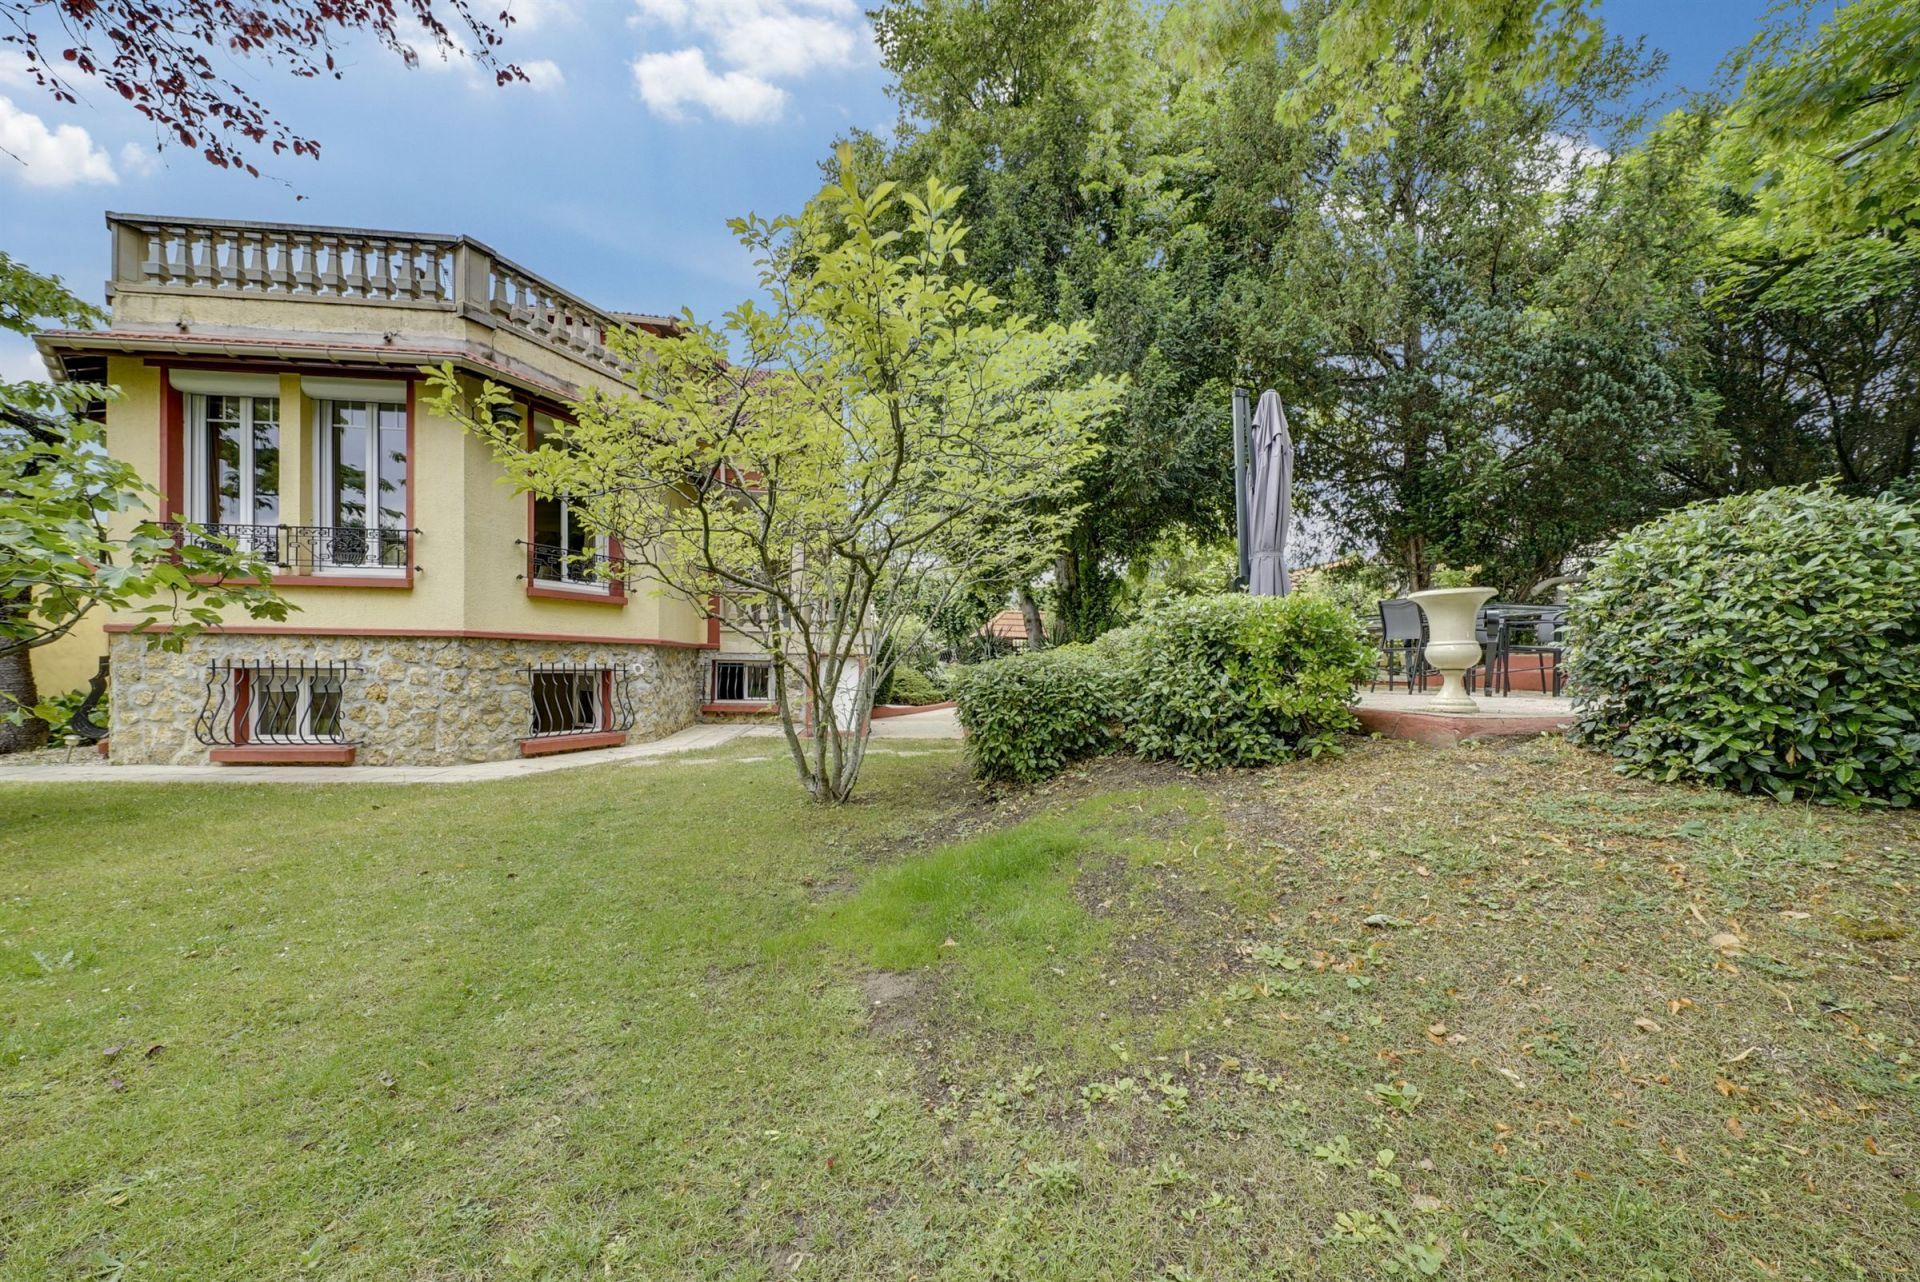 Vente Maison De Luxe Draveil (91210) 200 M² destiné Maison A Vendre Draveil Paris Jardin